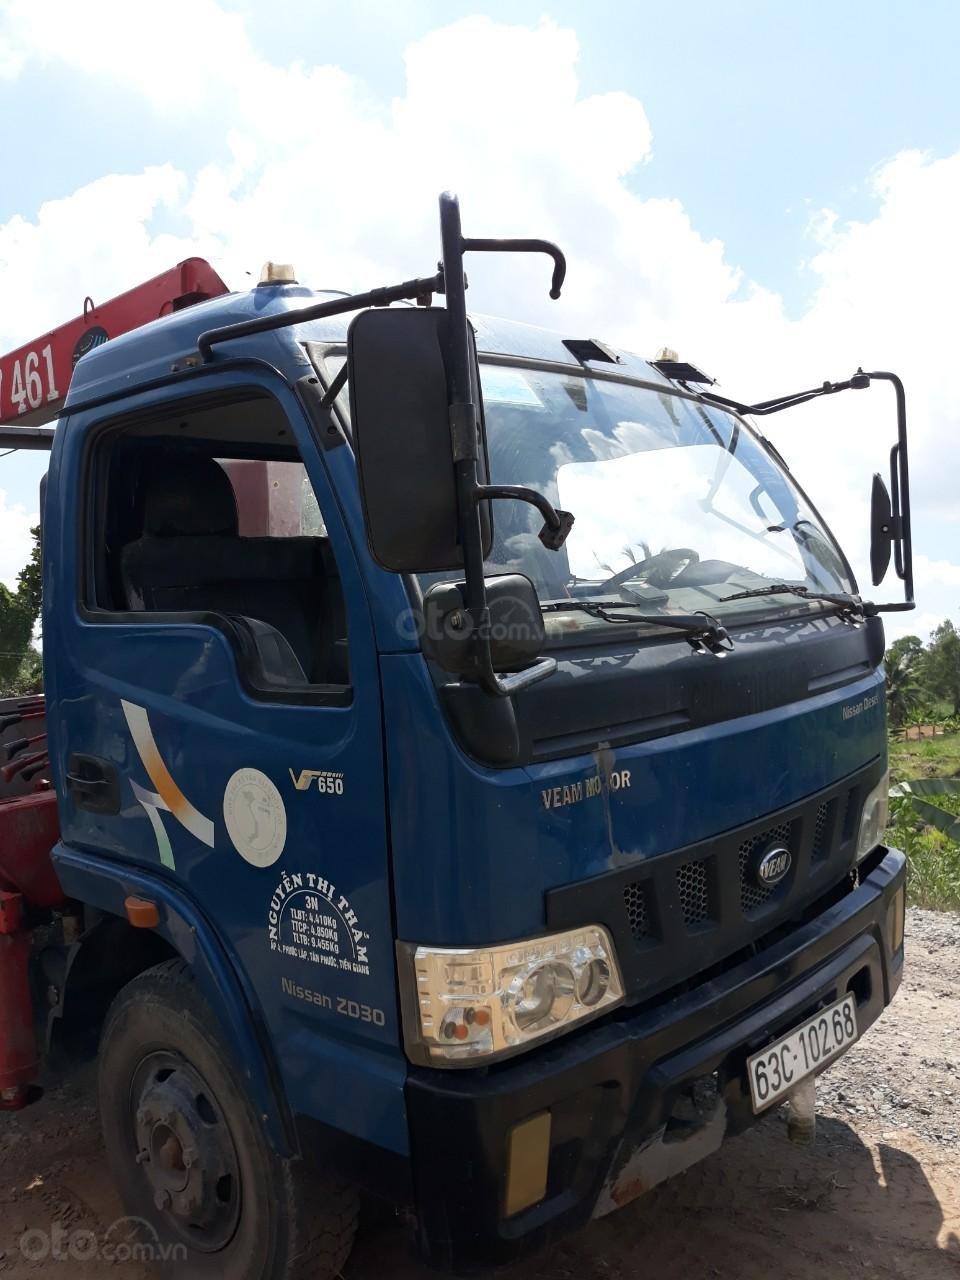 Ngân hàng thanh lý xe tải có cẩu Veam VT650MB (1)